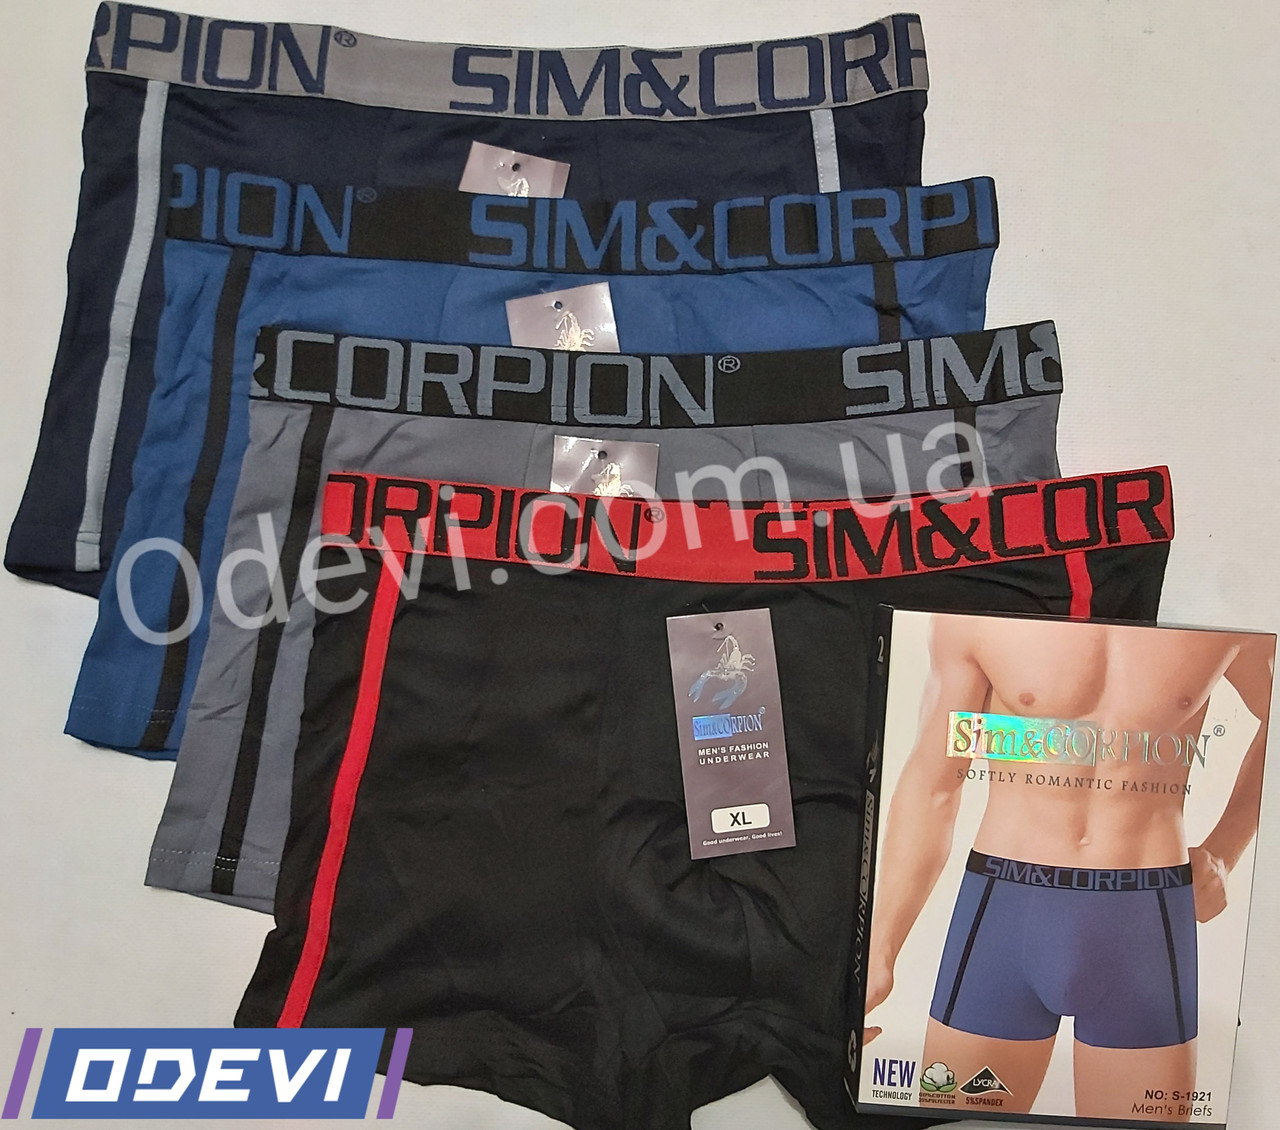 Sim&CORPION чоловічі боксери класика бавовна + бамбук